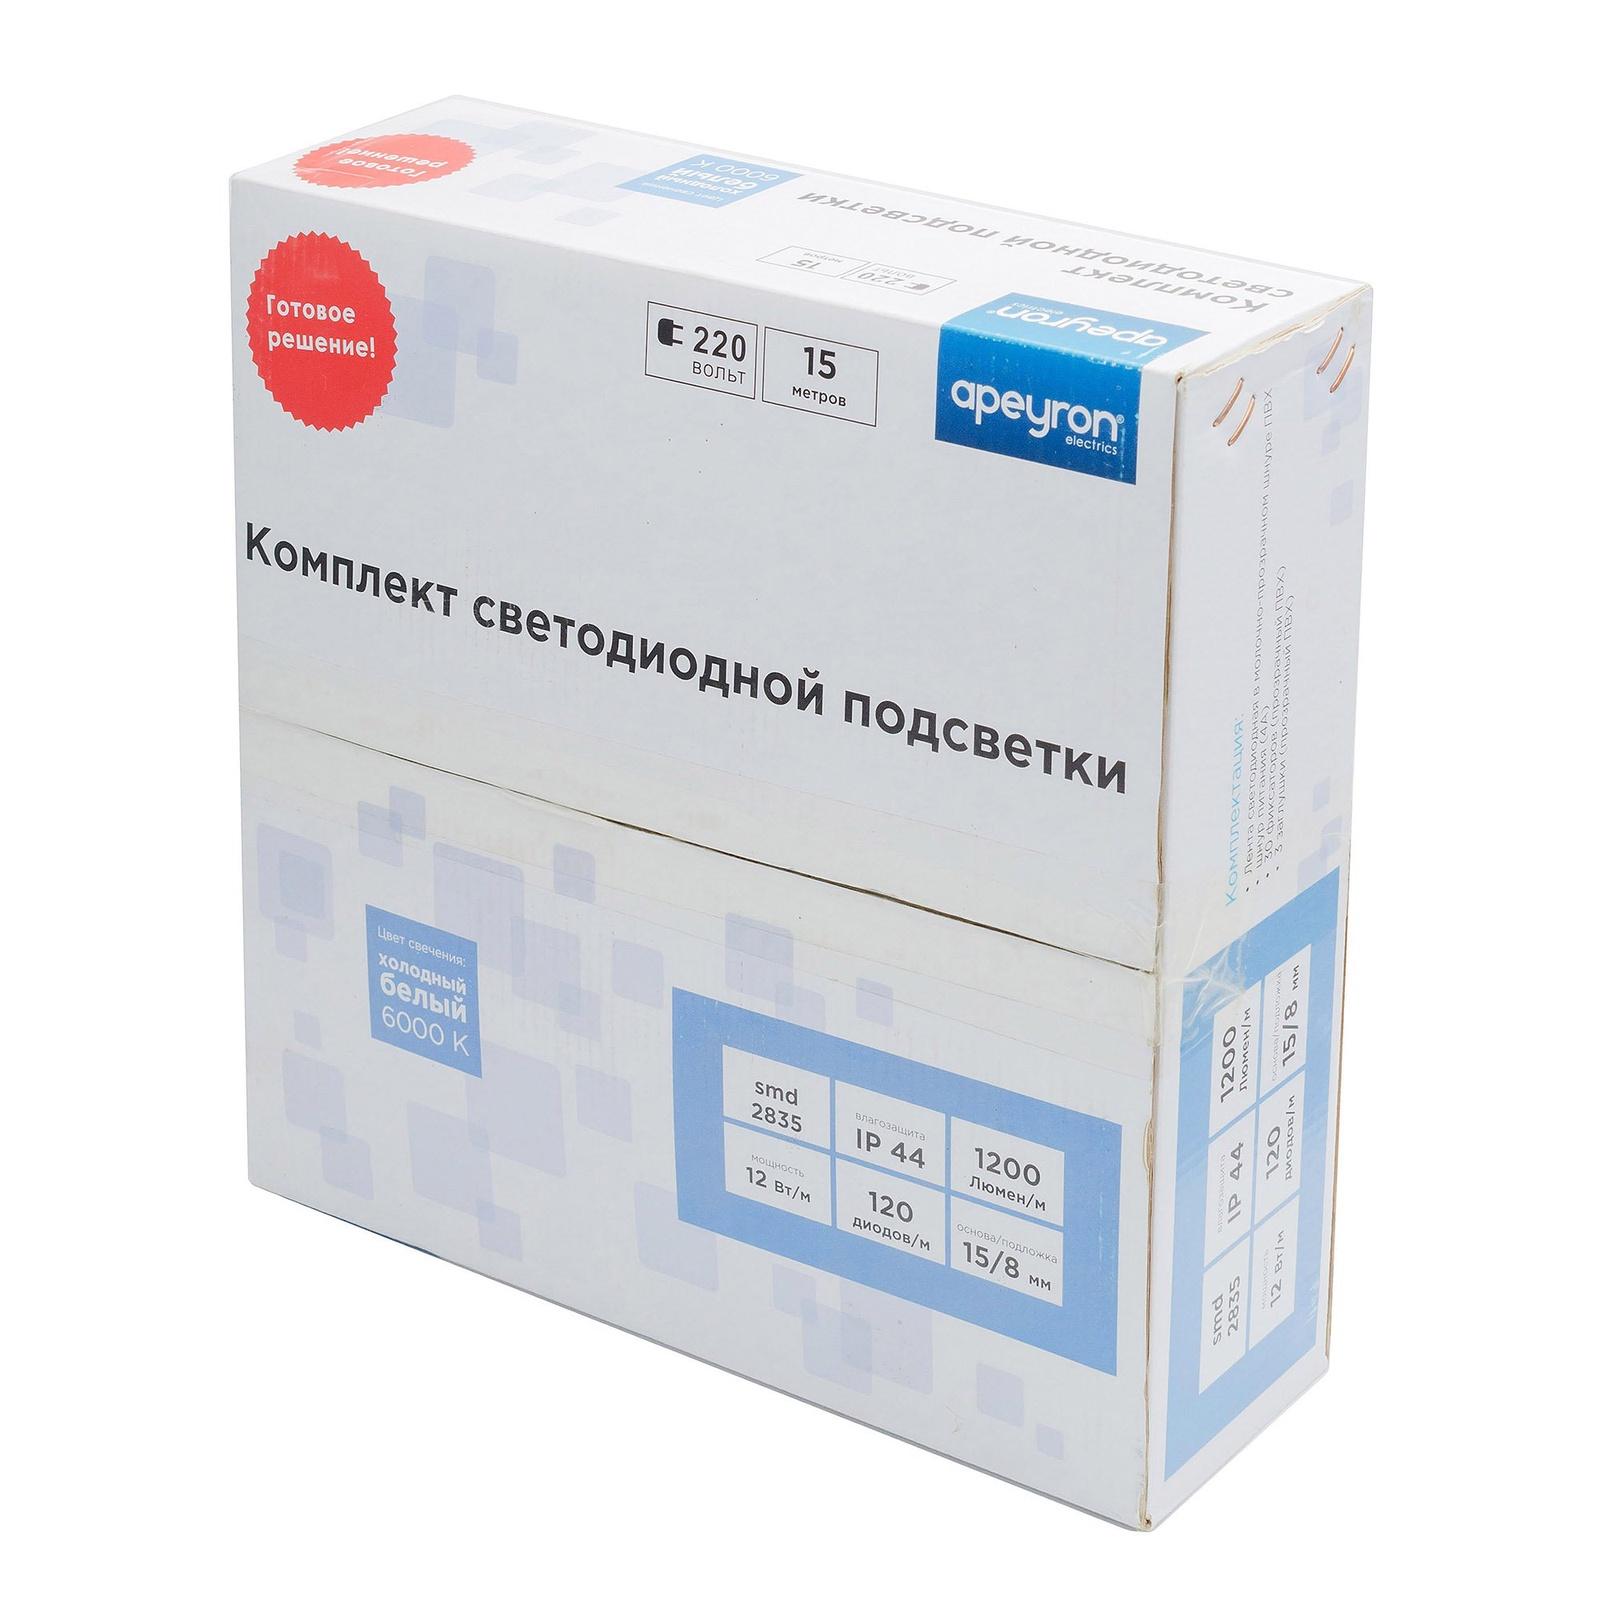 Светодиодная лента APEYRON electrics 10-59, От сети 220В